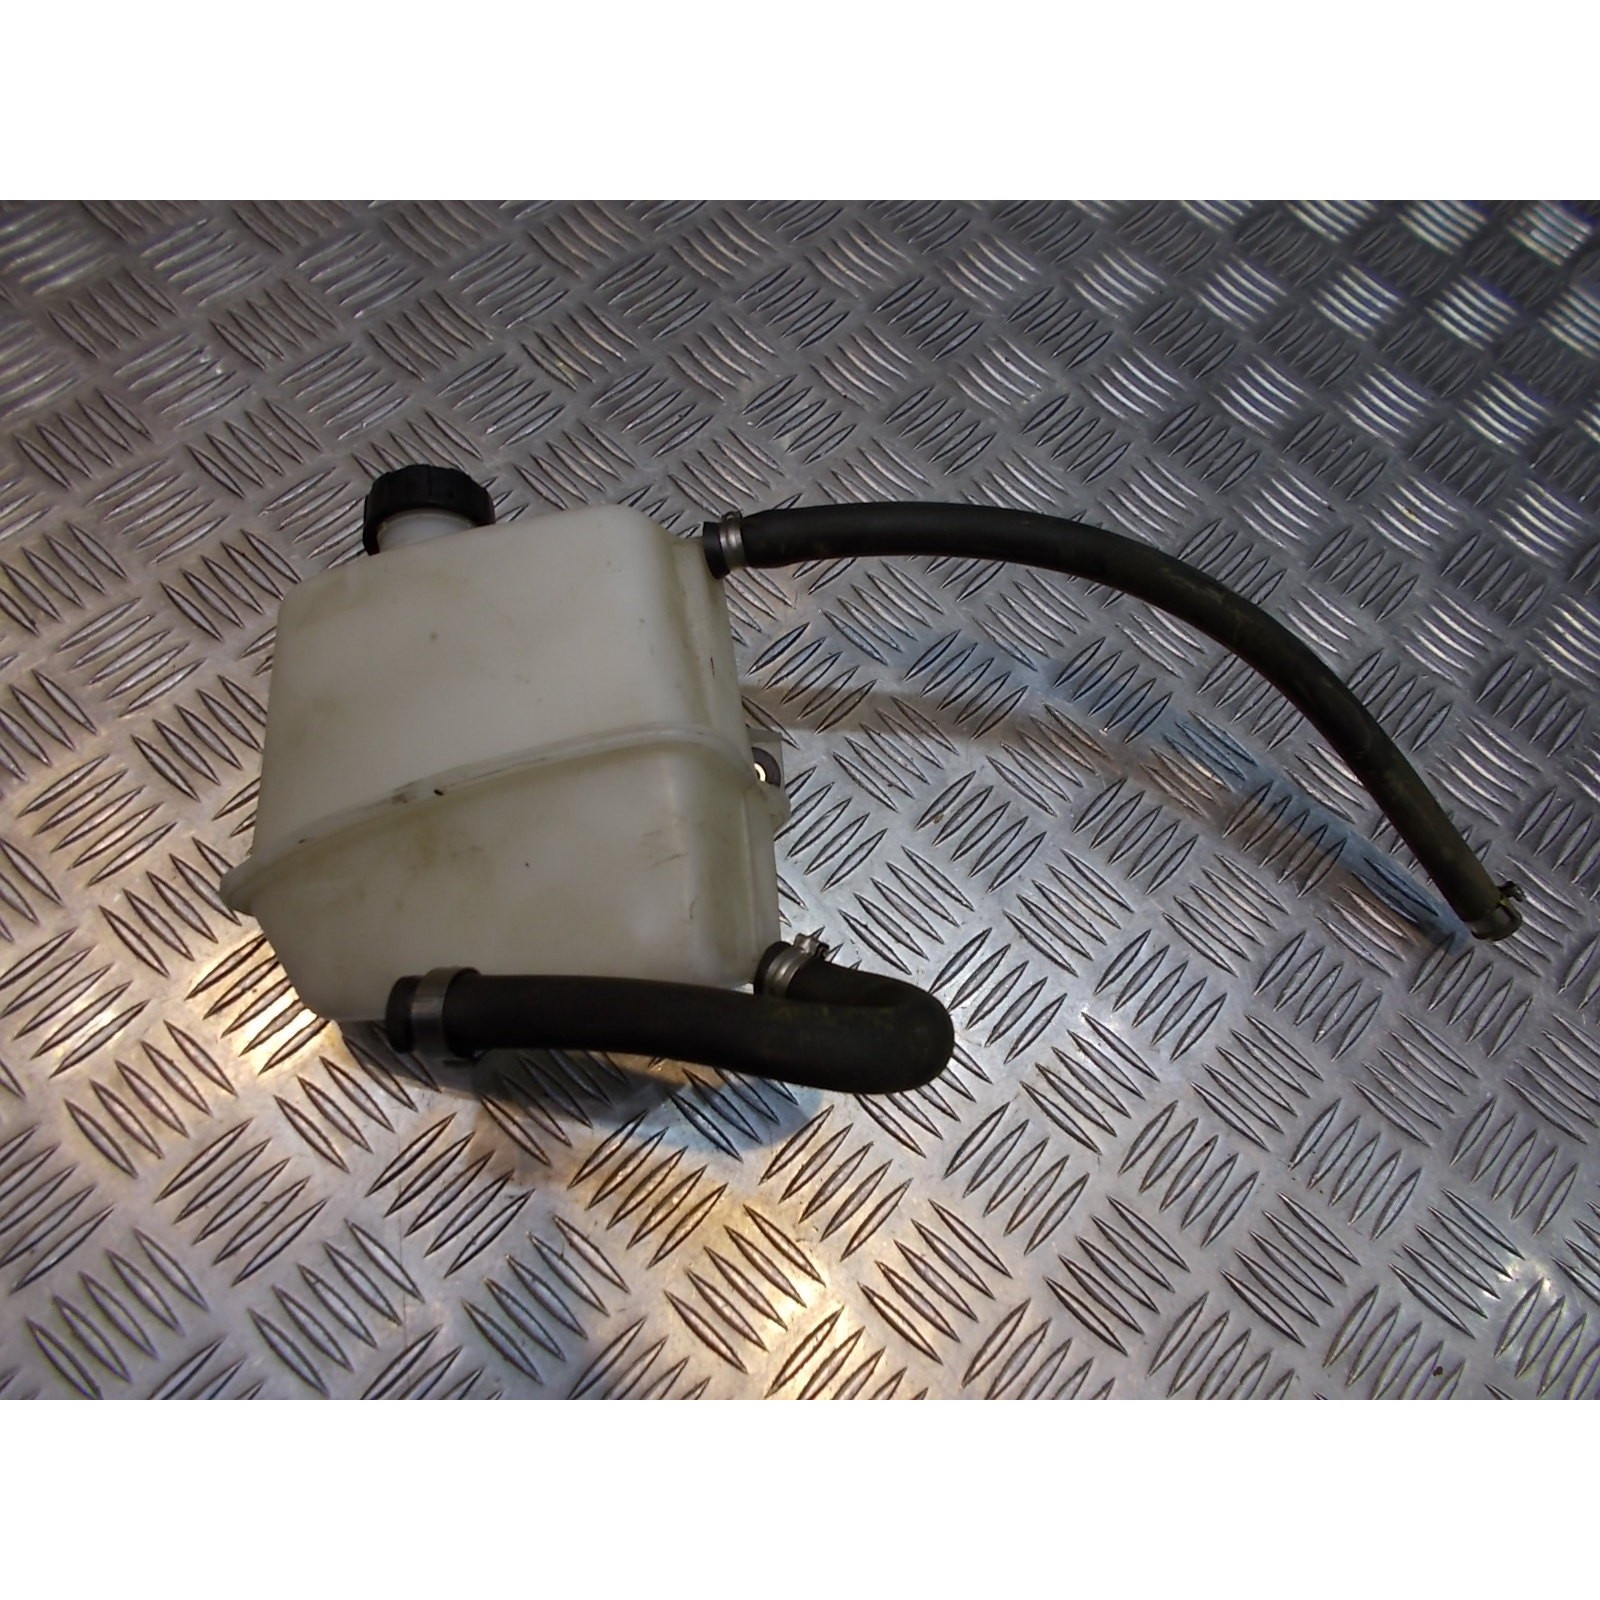 reservoir eau bocal vase expansion scooter piaggio super lx 125 hexagon 2 temps lx2